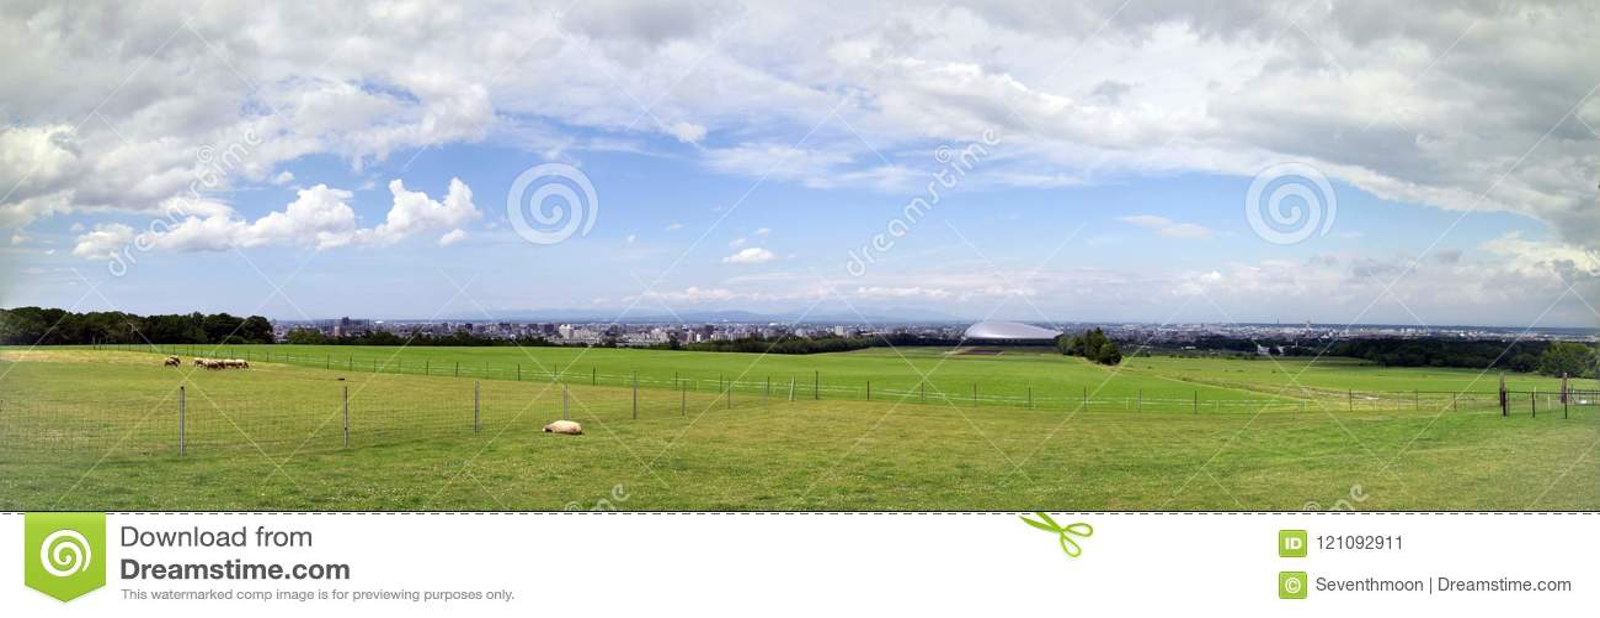 Panorama da exploração agrícola dos carneiros, Sapporo